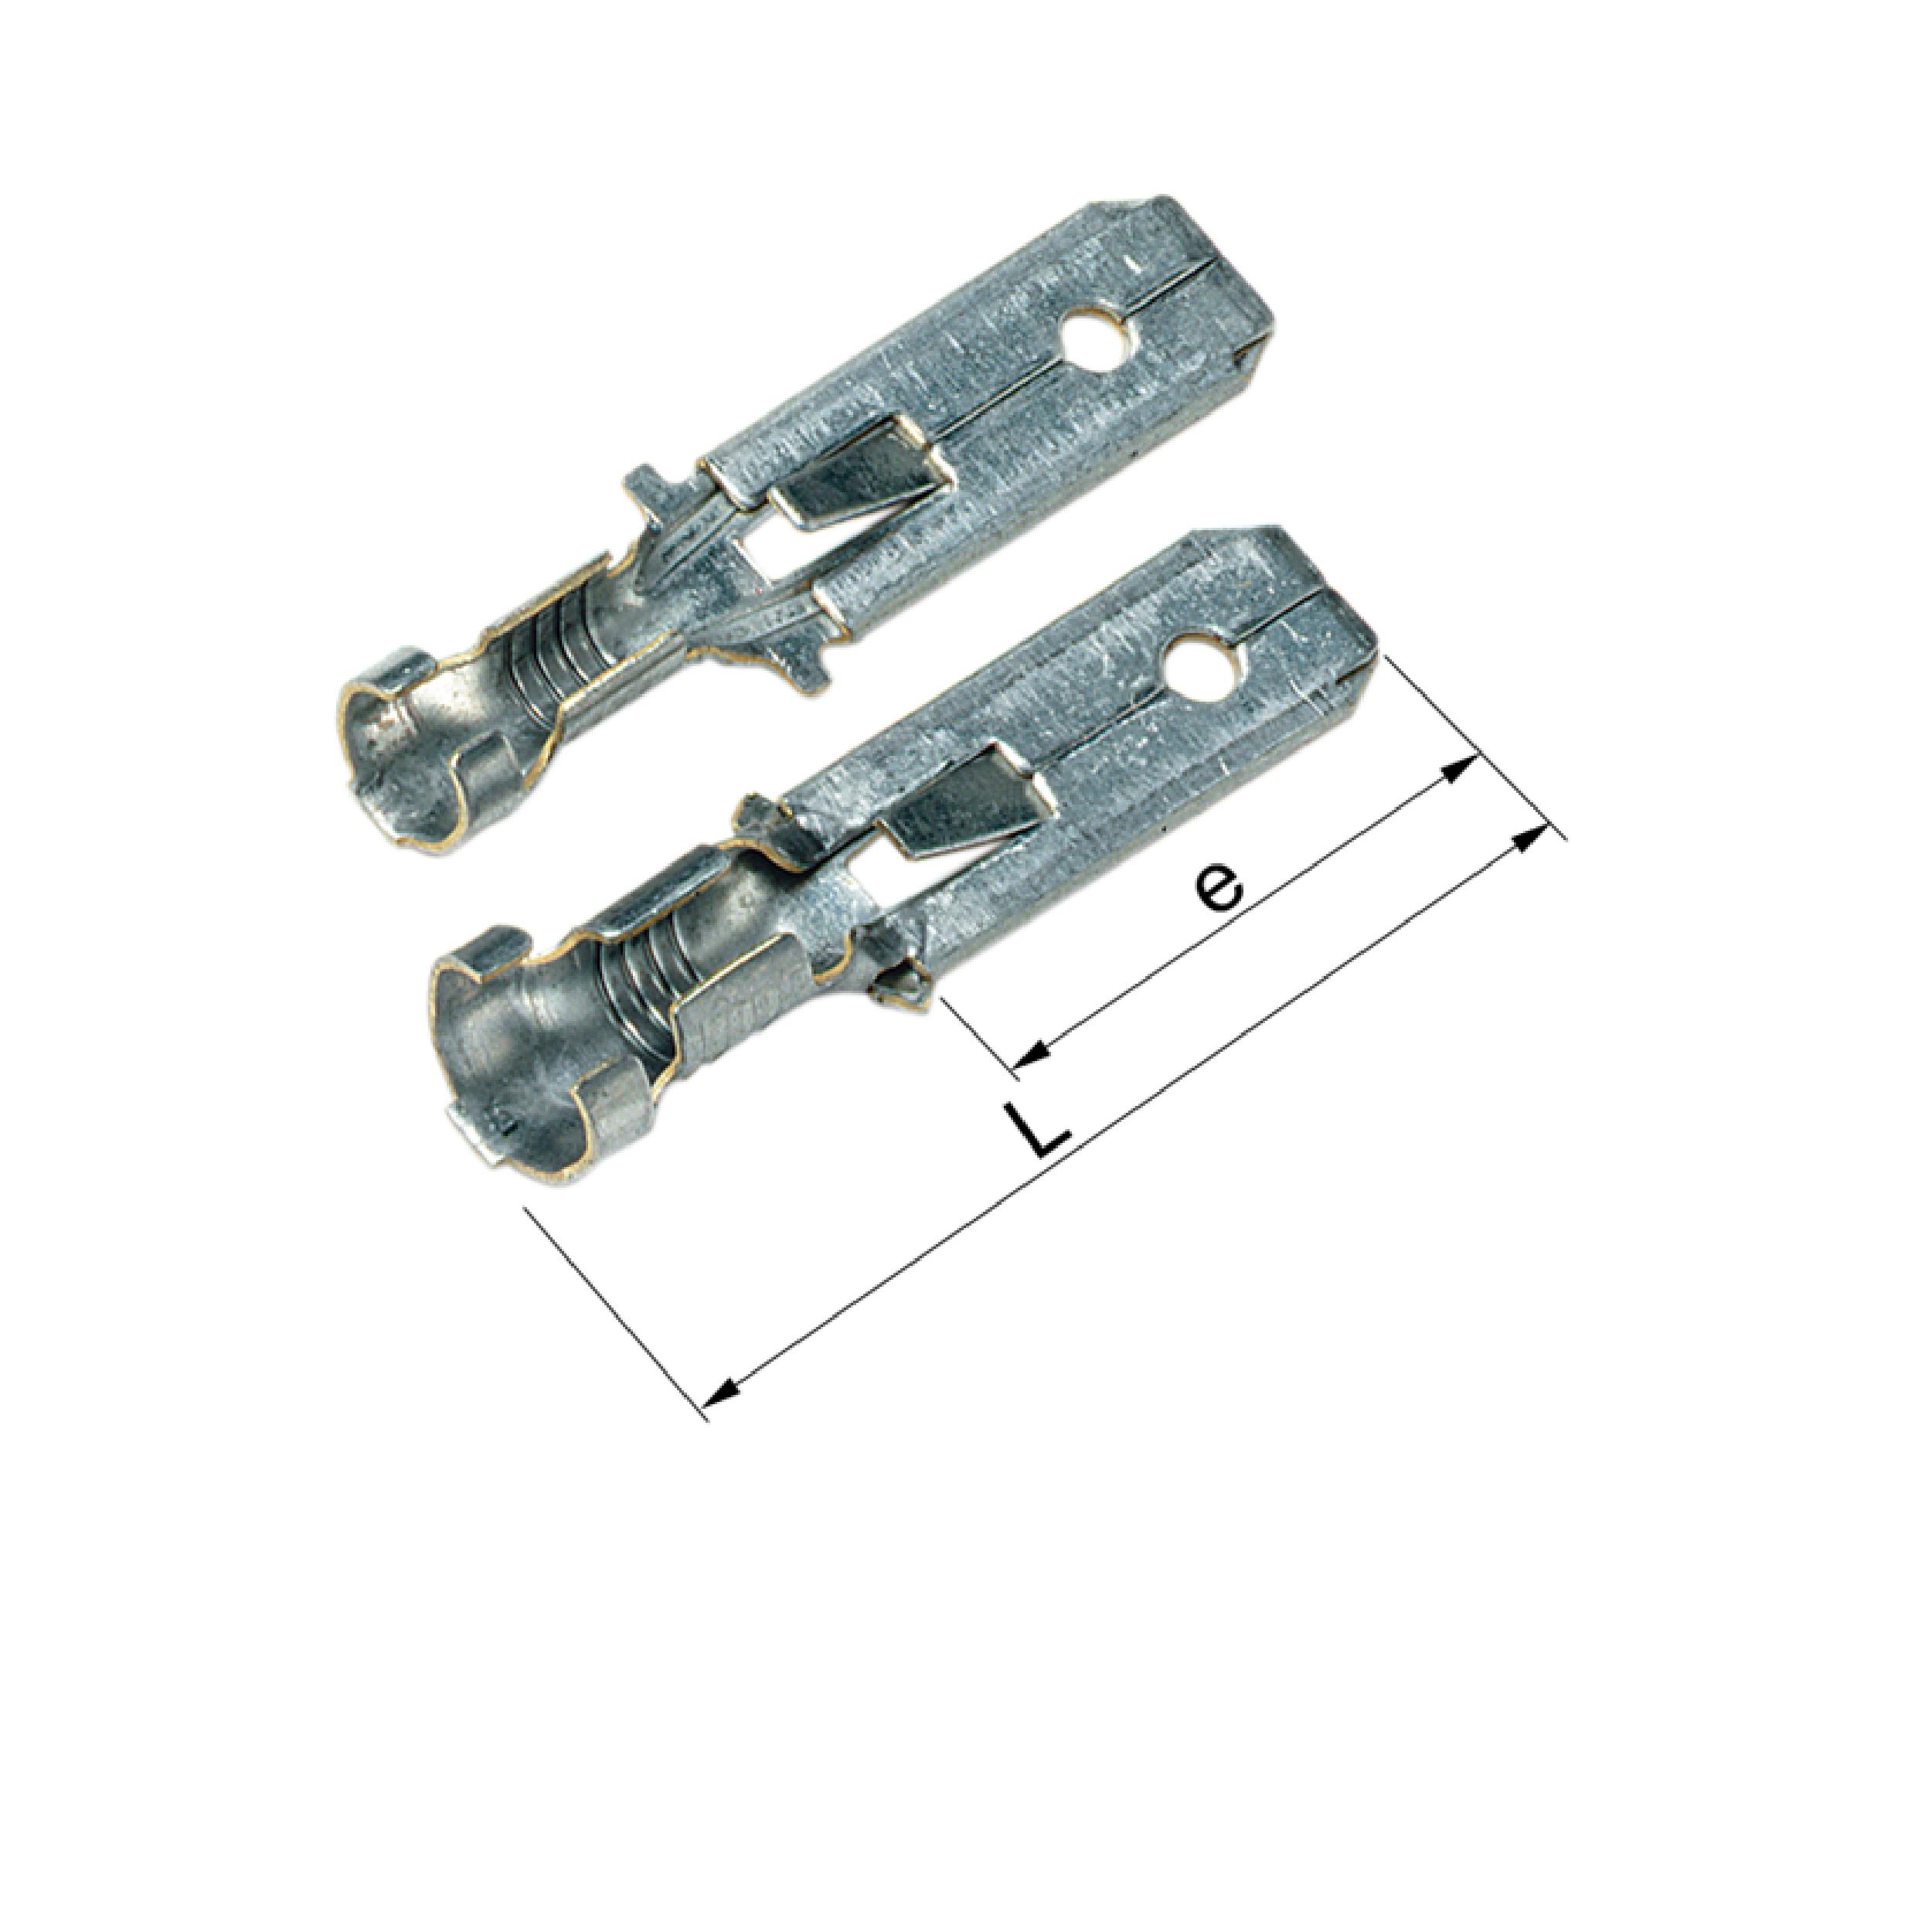 Elpress Un-Insulated Tabs with locking lip B1007HN, B2507HN, B4607HN